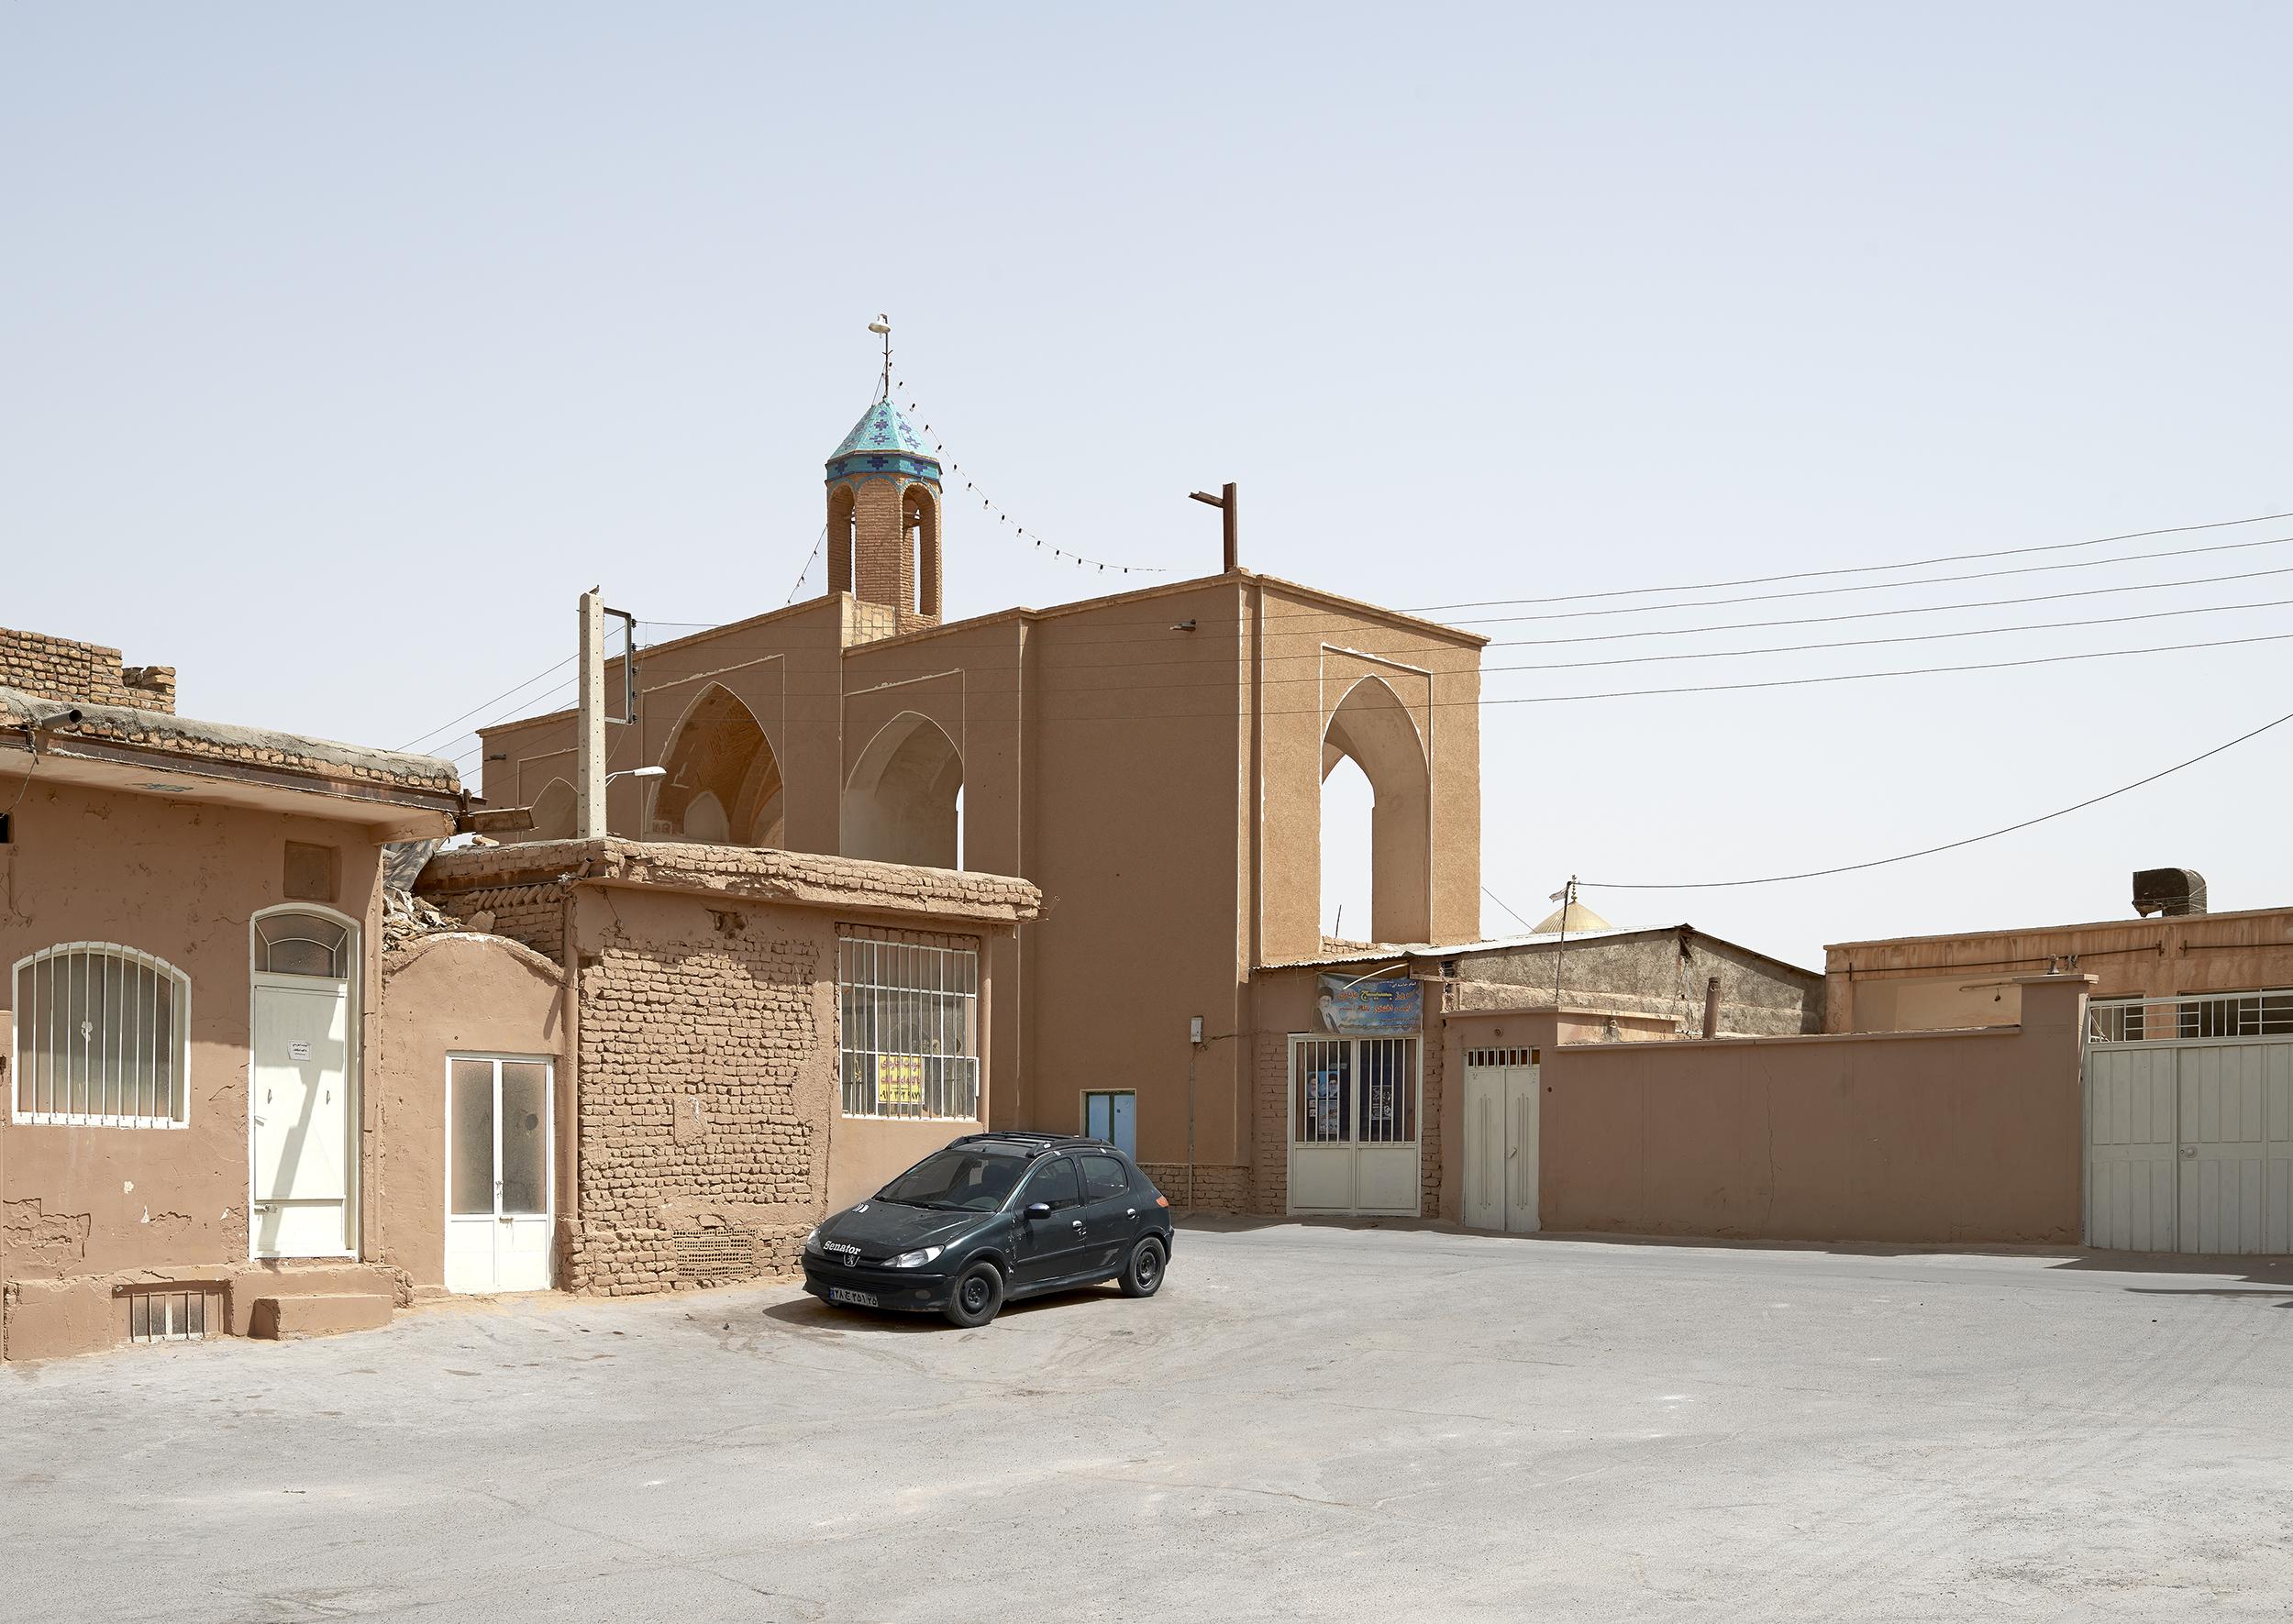 206, Nushabad, 2015